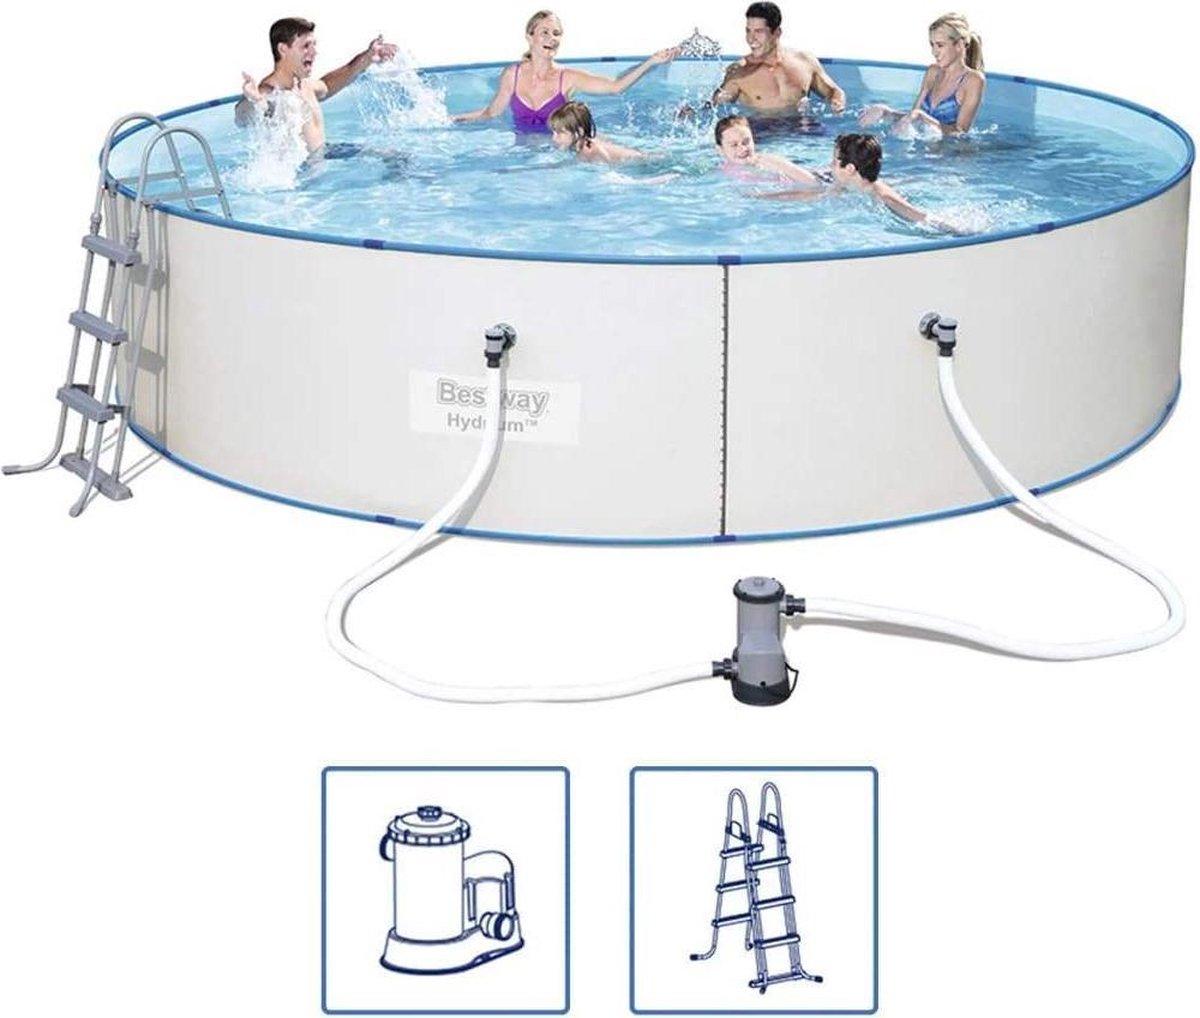 Bestway Hydrium Zwembadset rond 460x90 cm stalen frame